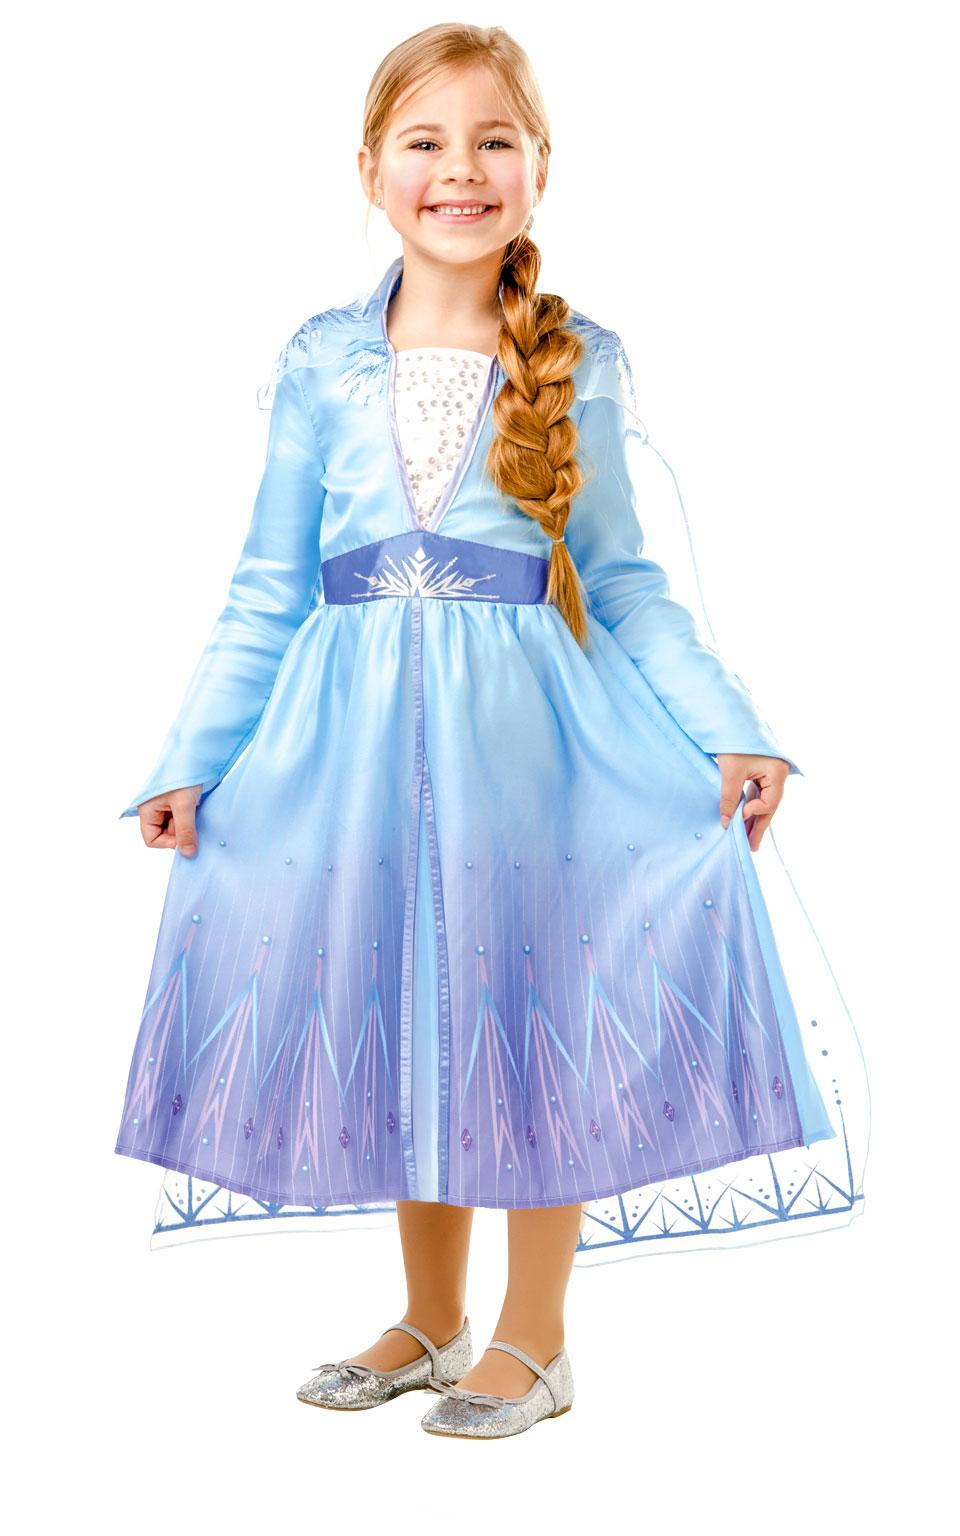 Rubies Detský kostým - Elsa (šaty) Veľkosť - deti: L